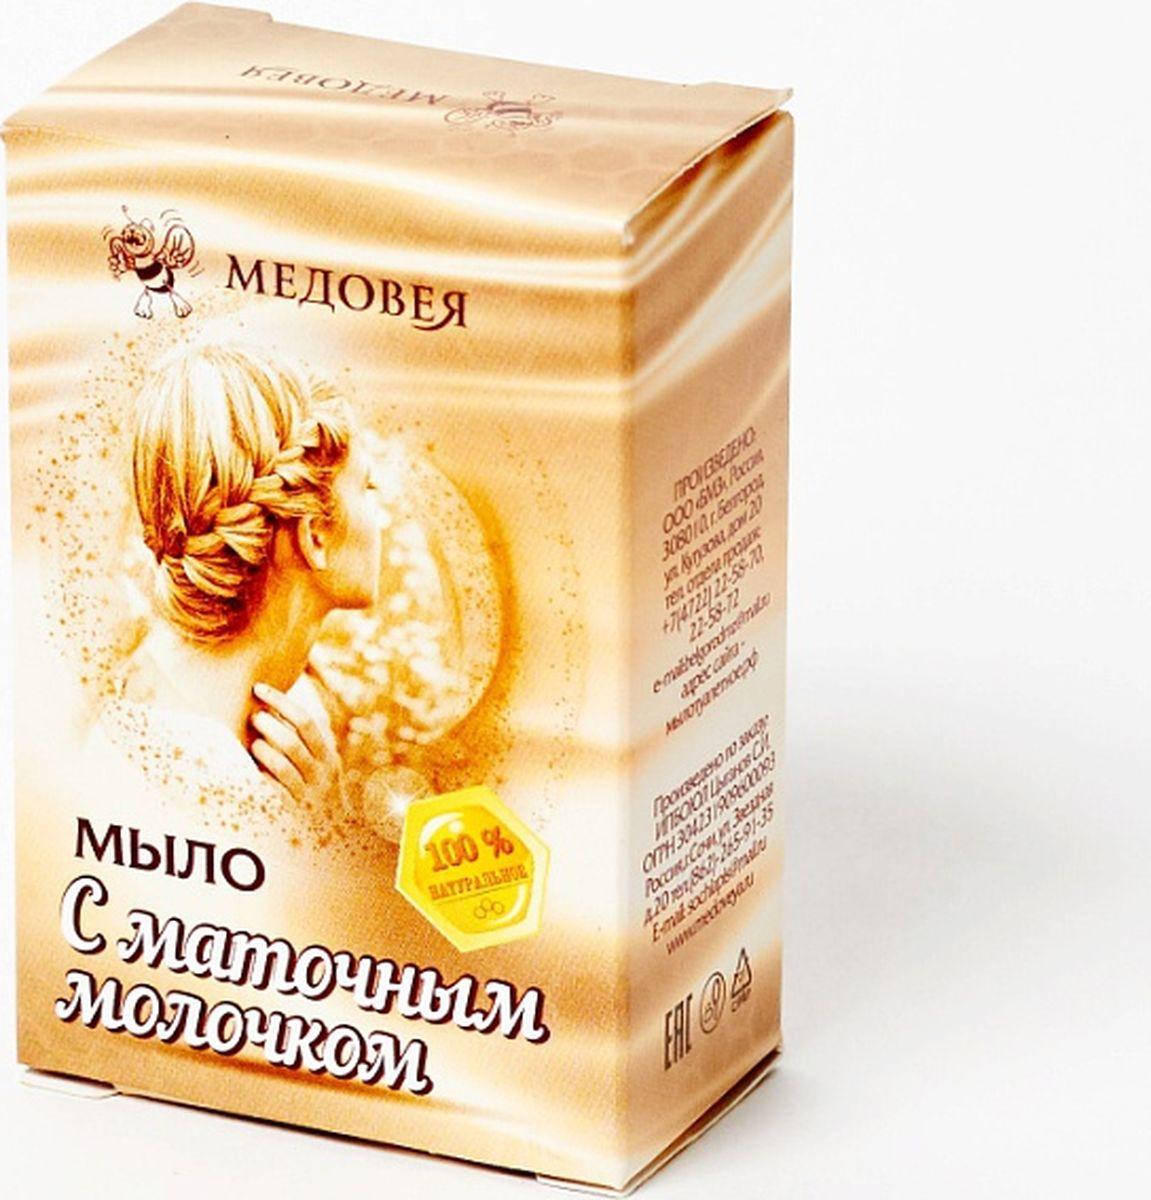 Медовея Мыло с Маточным молочком, 80 мл4627106490199Мыло с маточным молочком интенсивно очищает поры, увлажняет и одновременно питает кожу. Актуальность природного ингредиента заключается в результативности и оптимальной цене. Полезность маточного молочка обусловлена богатством витаминной комбинации. В комплекс микроэлементов входят белки, соли минеральные, углеводы, ретинол, холекальцефирол, аминокислоты, группа витаминов В и С, Е, Н, РР. Нельзя не выделить наличие прогестерона, тестостерона, которые в косметологии действуют регенерирующим свойством на дерму. Мыло с маточным молочком насыщает кожу максимальным витаминным питанием.